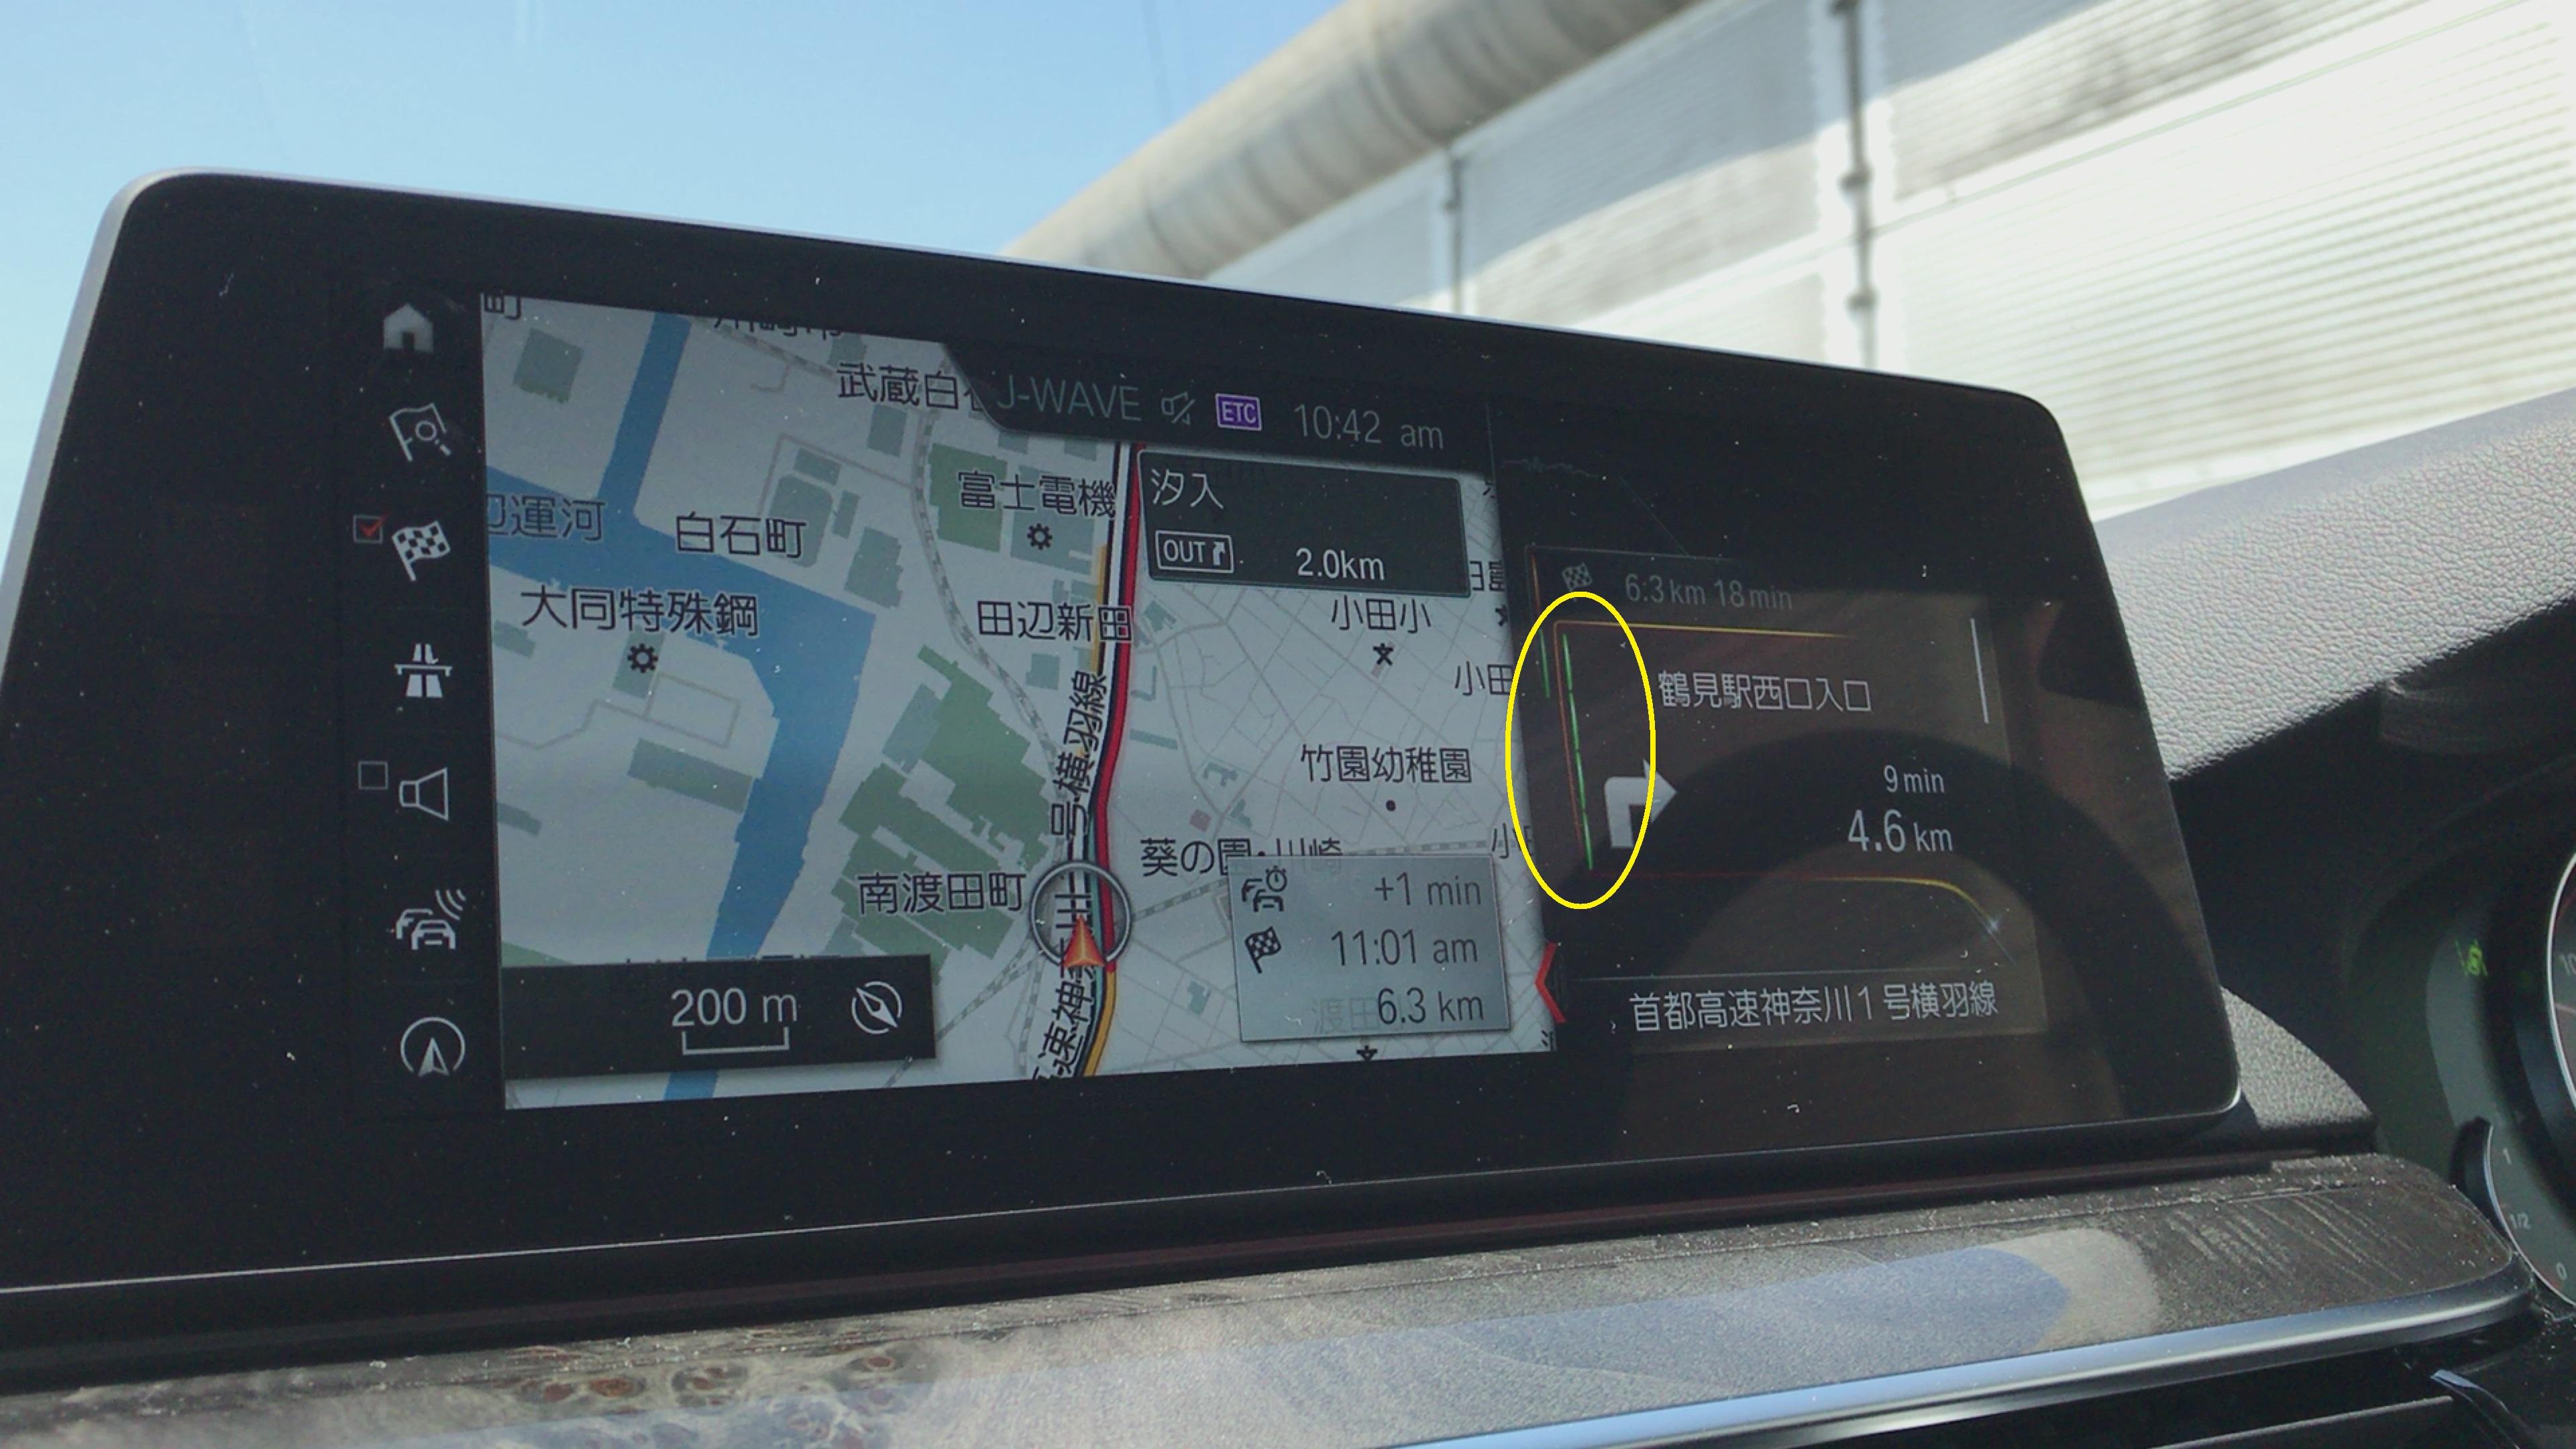 BMW iDriveナビのハイウェイモードの略図が無くなって矢印表示になって劣化してる件^^;